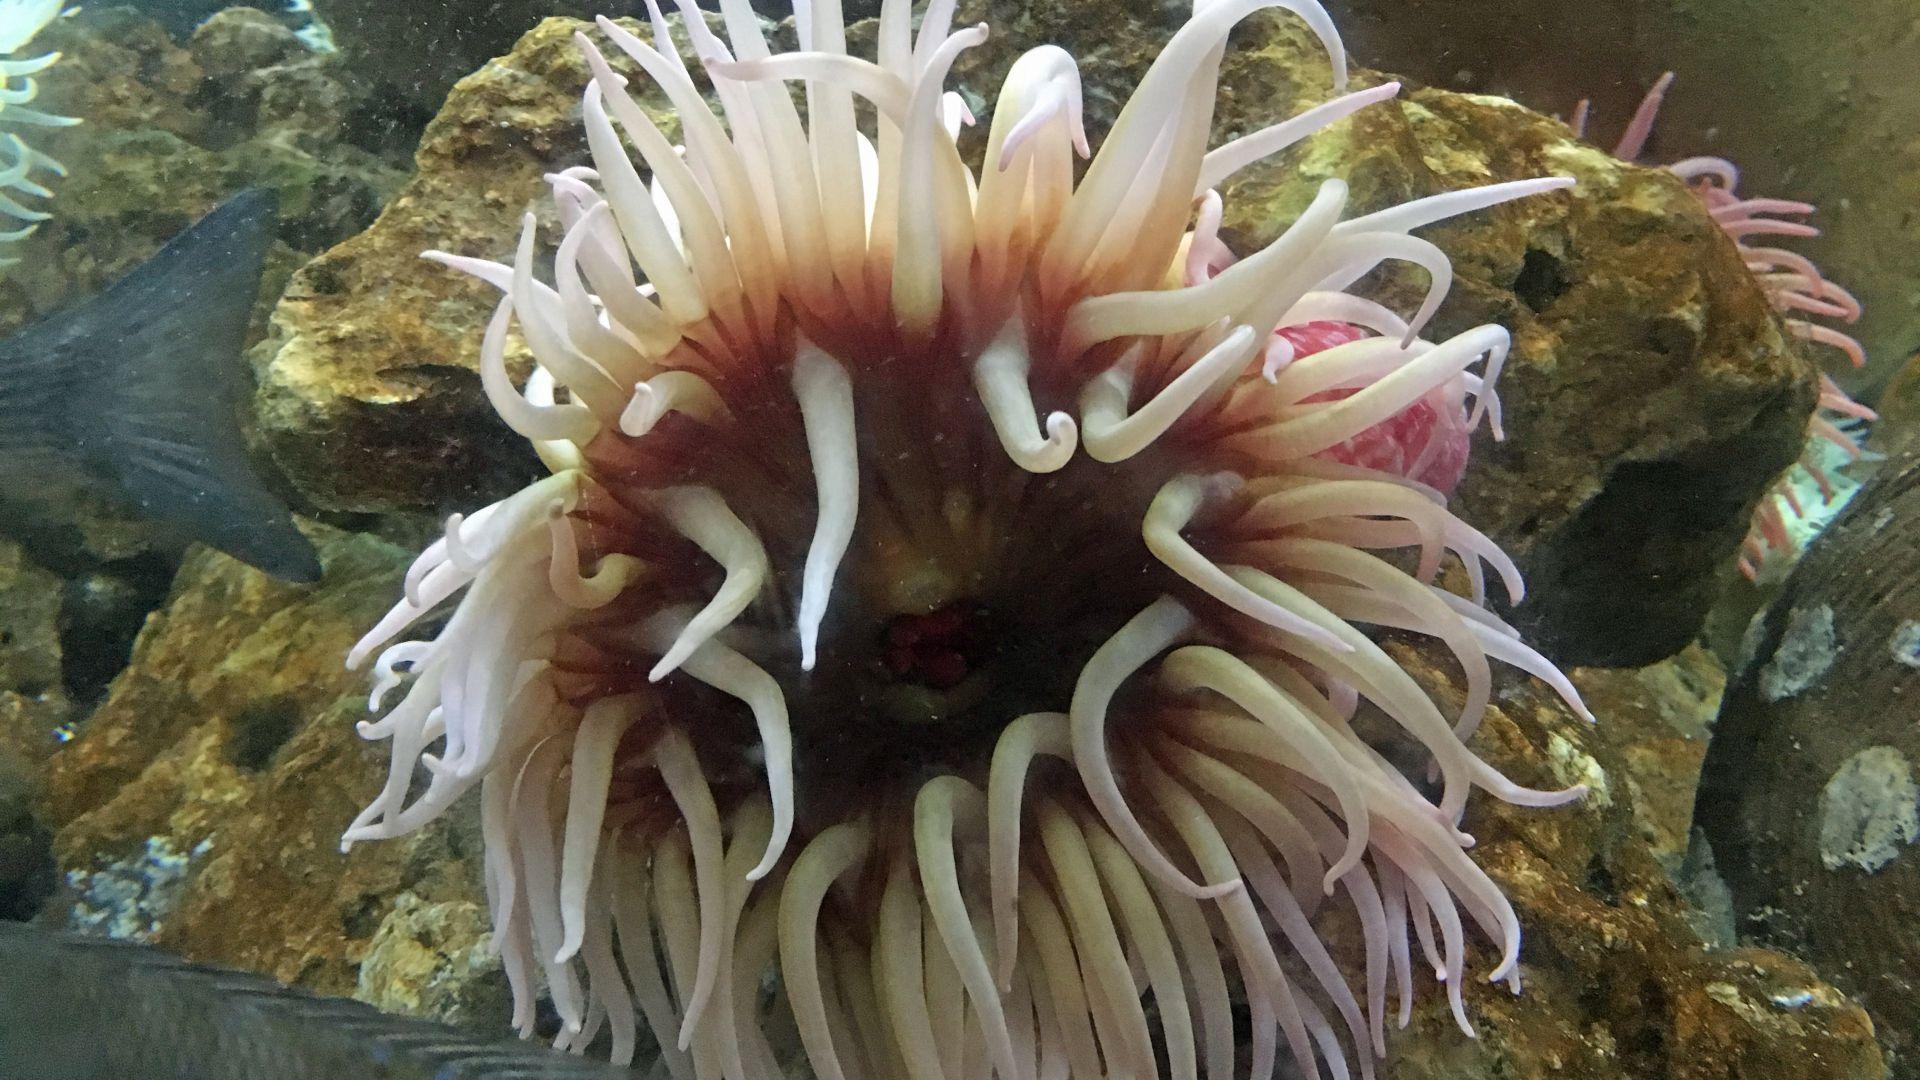 Anemone De Mer : Taille, Description, Biotope, Habitat concernant Anémone Des Mers